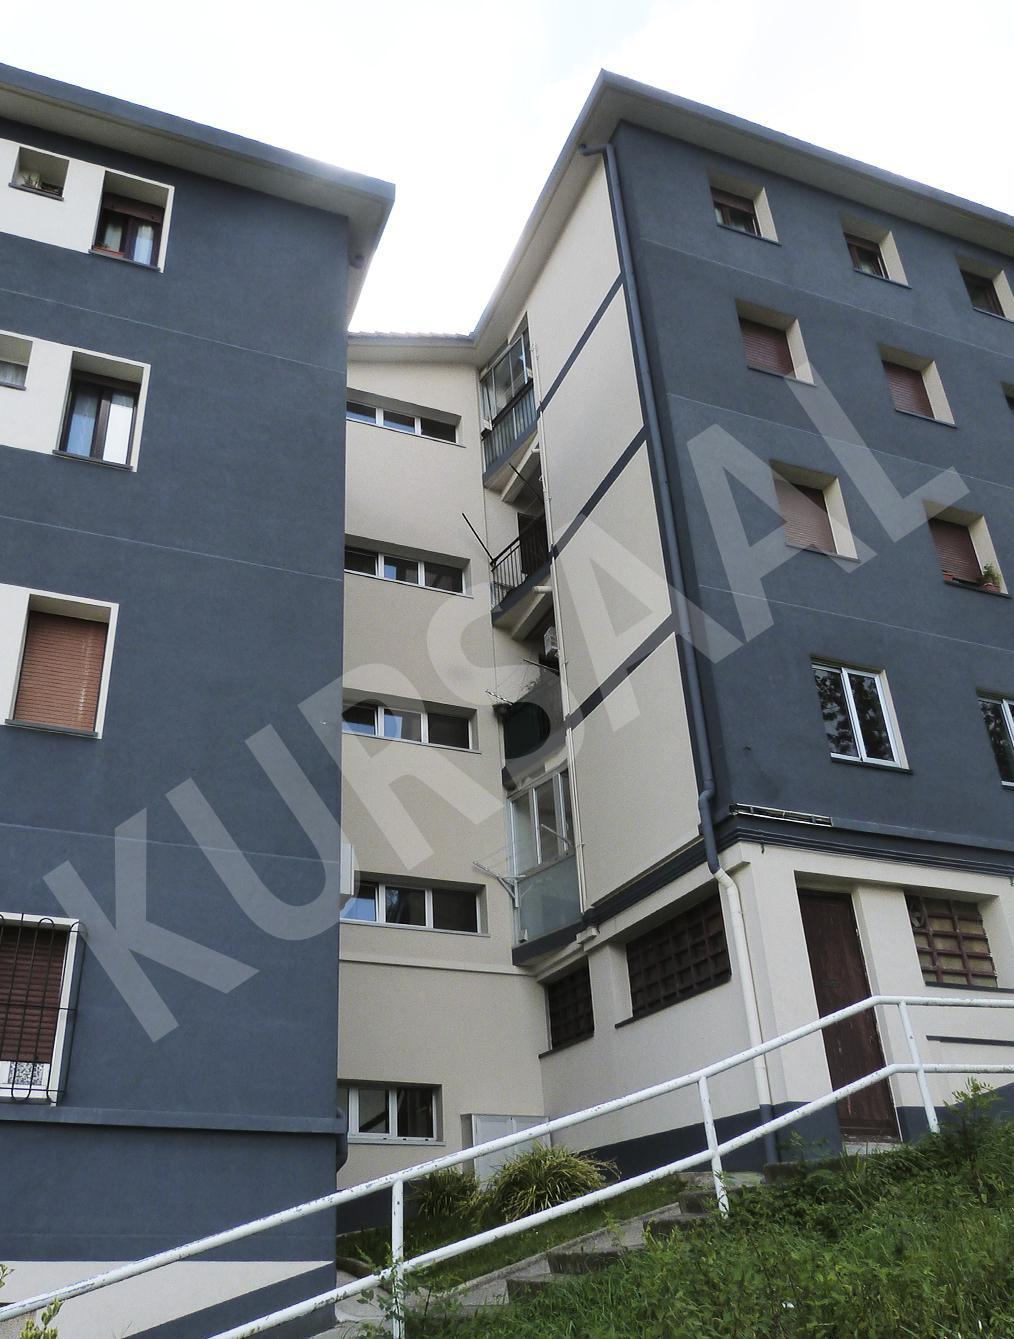 foto 10 - Aislamientos Térmicos y Eficiencia Energética-Calzada de Oleta 35-37-DONOSTIA